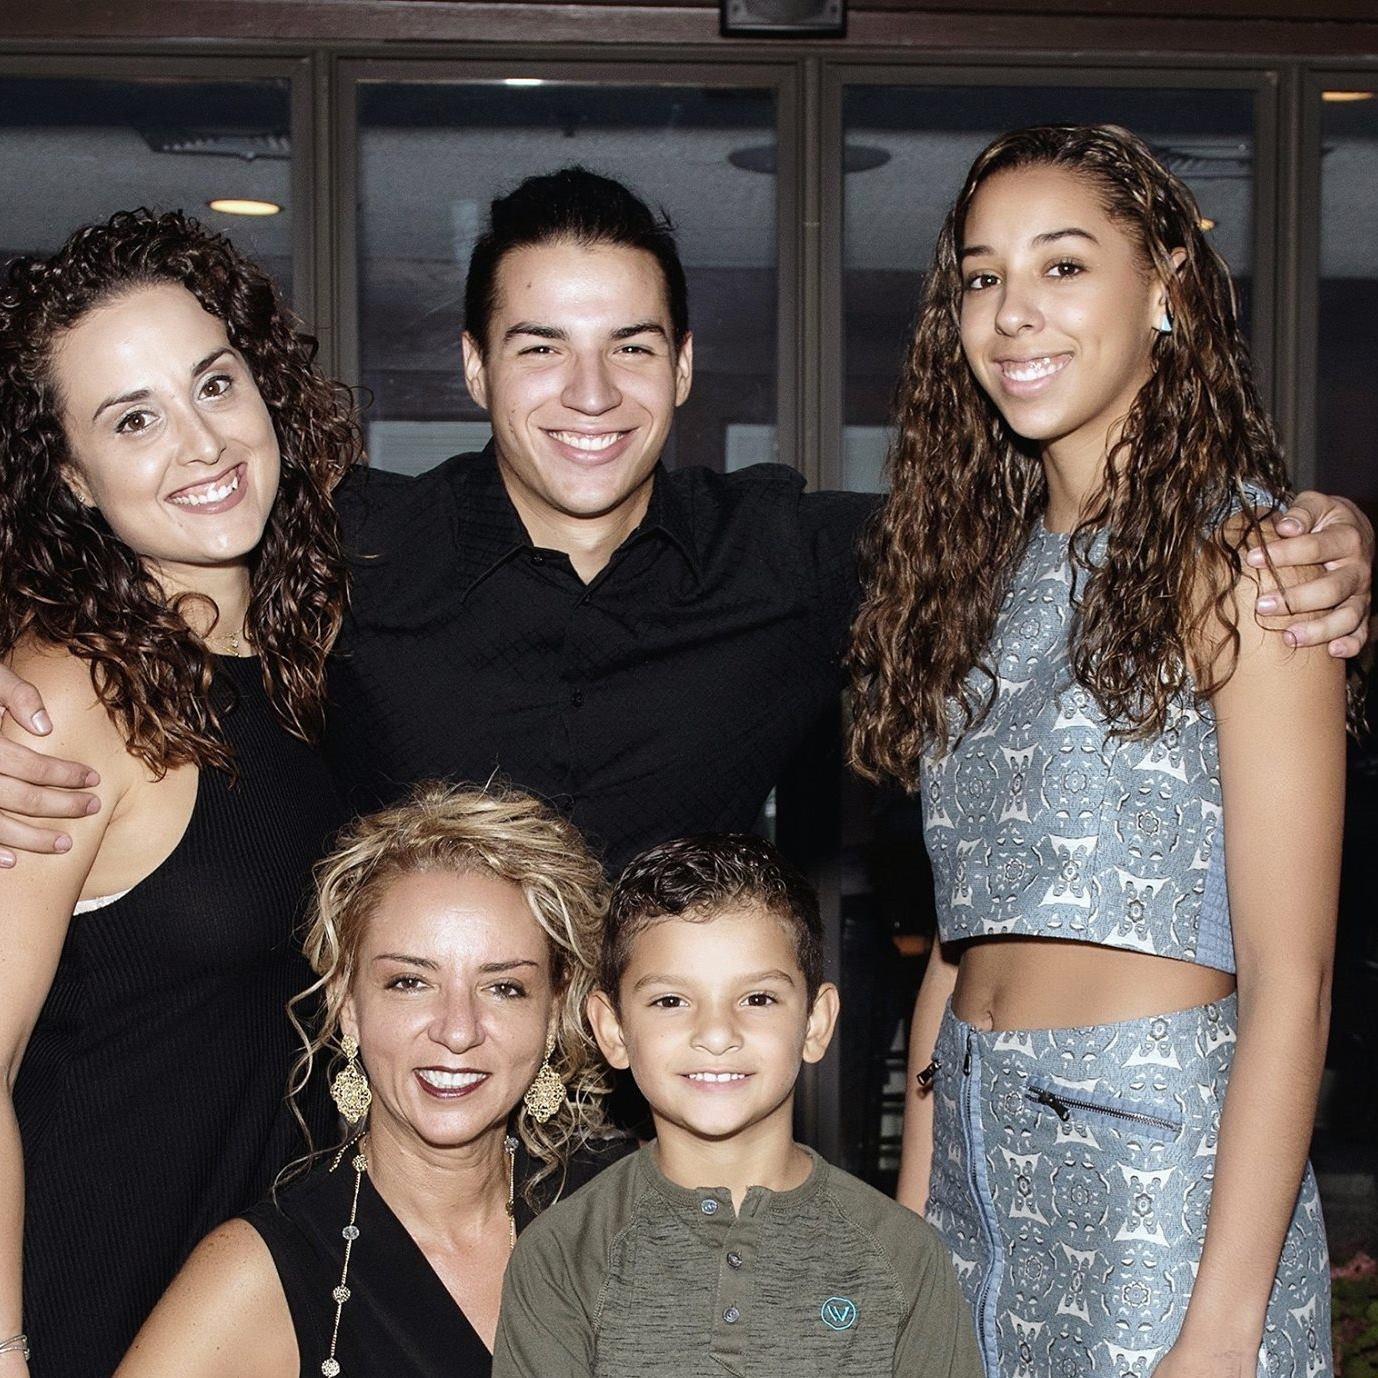 María Ángela con su familia en Nueva York, EE.UU.